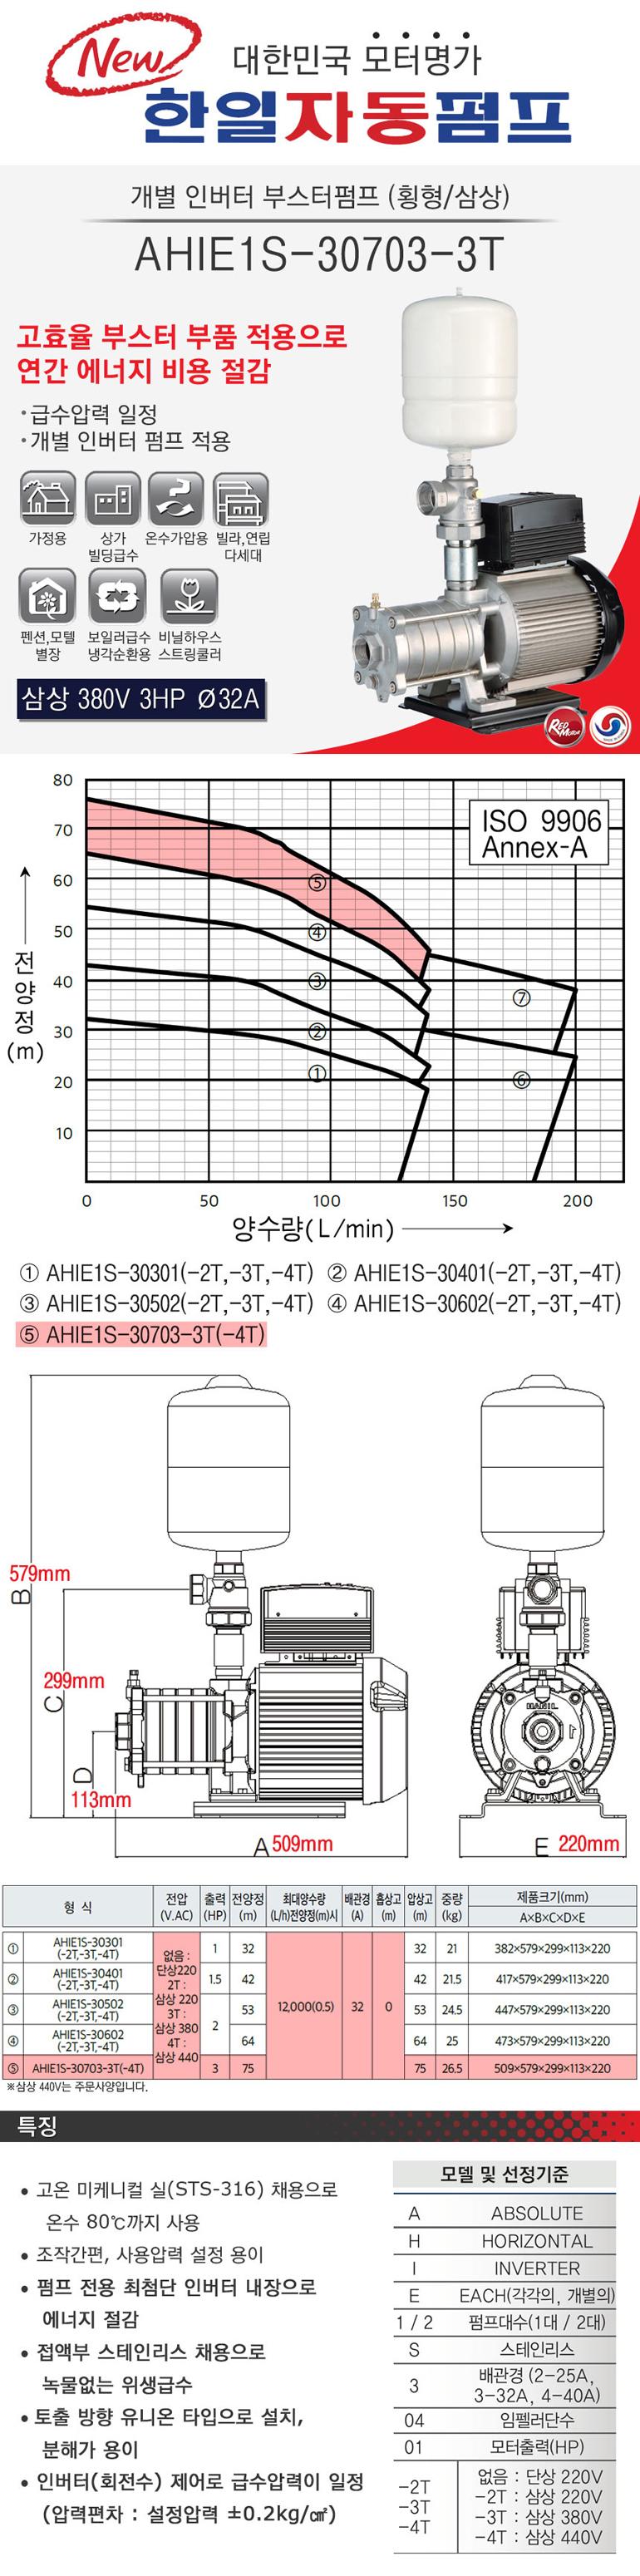 AHIE1S-30703-3T